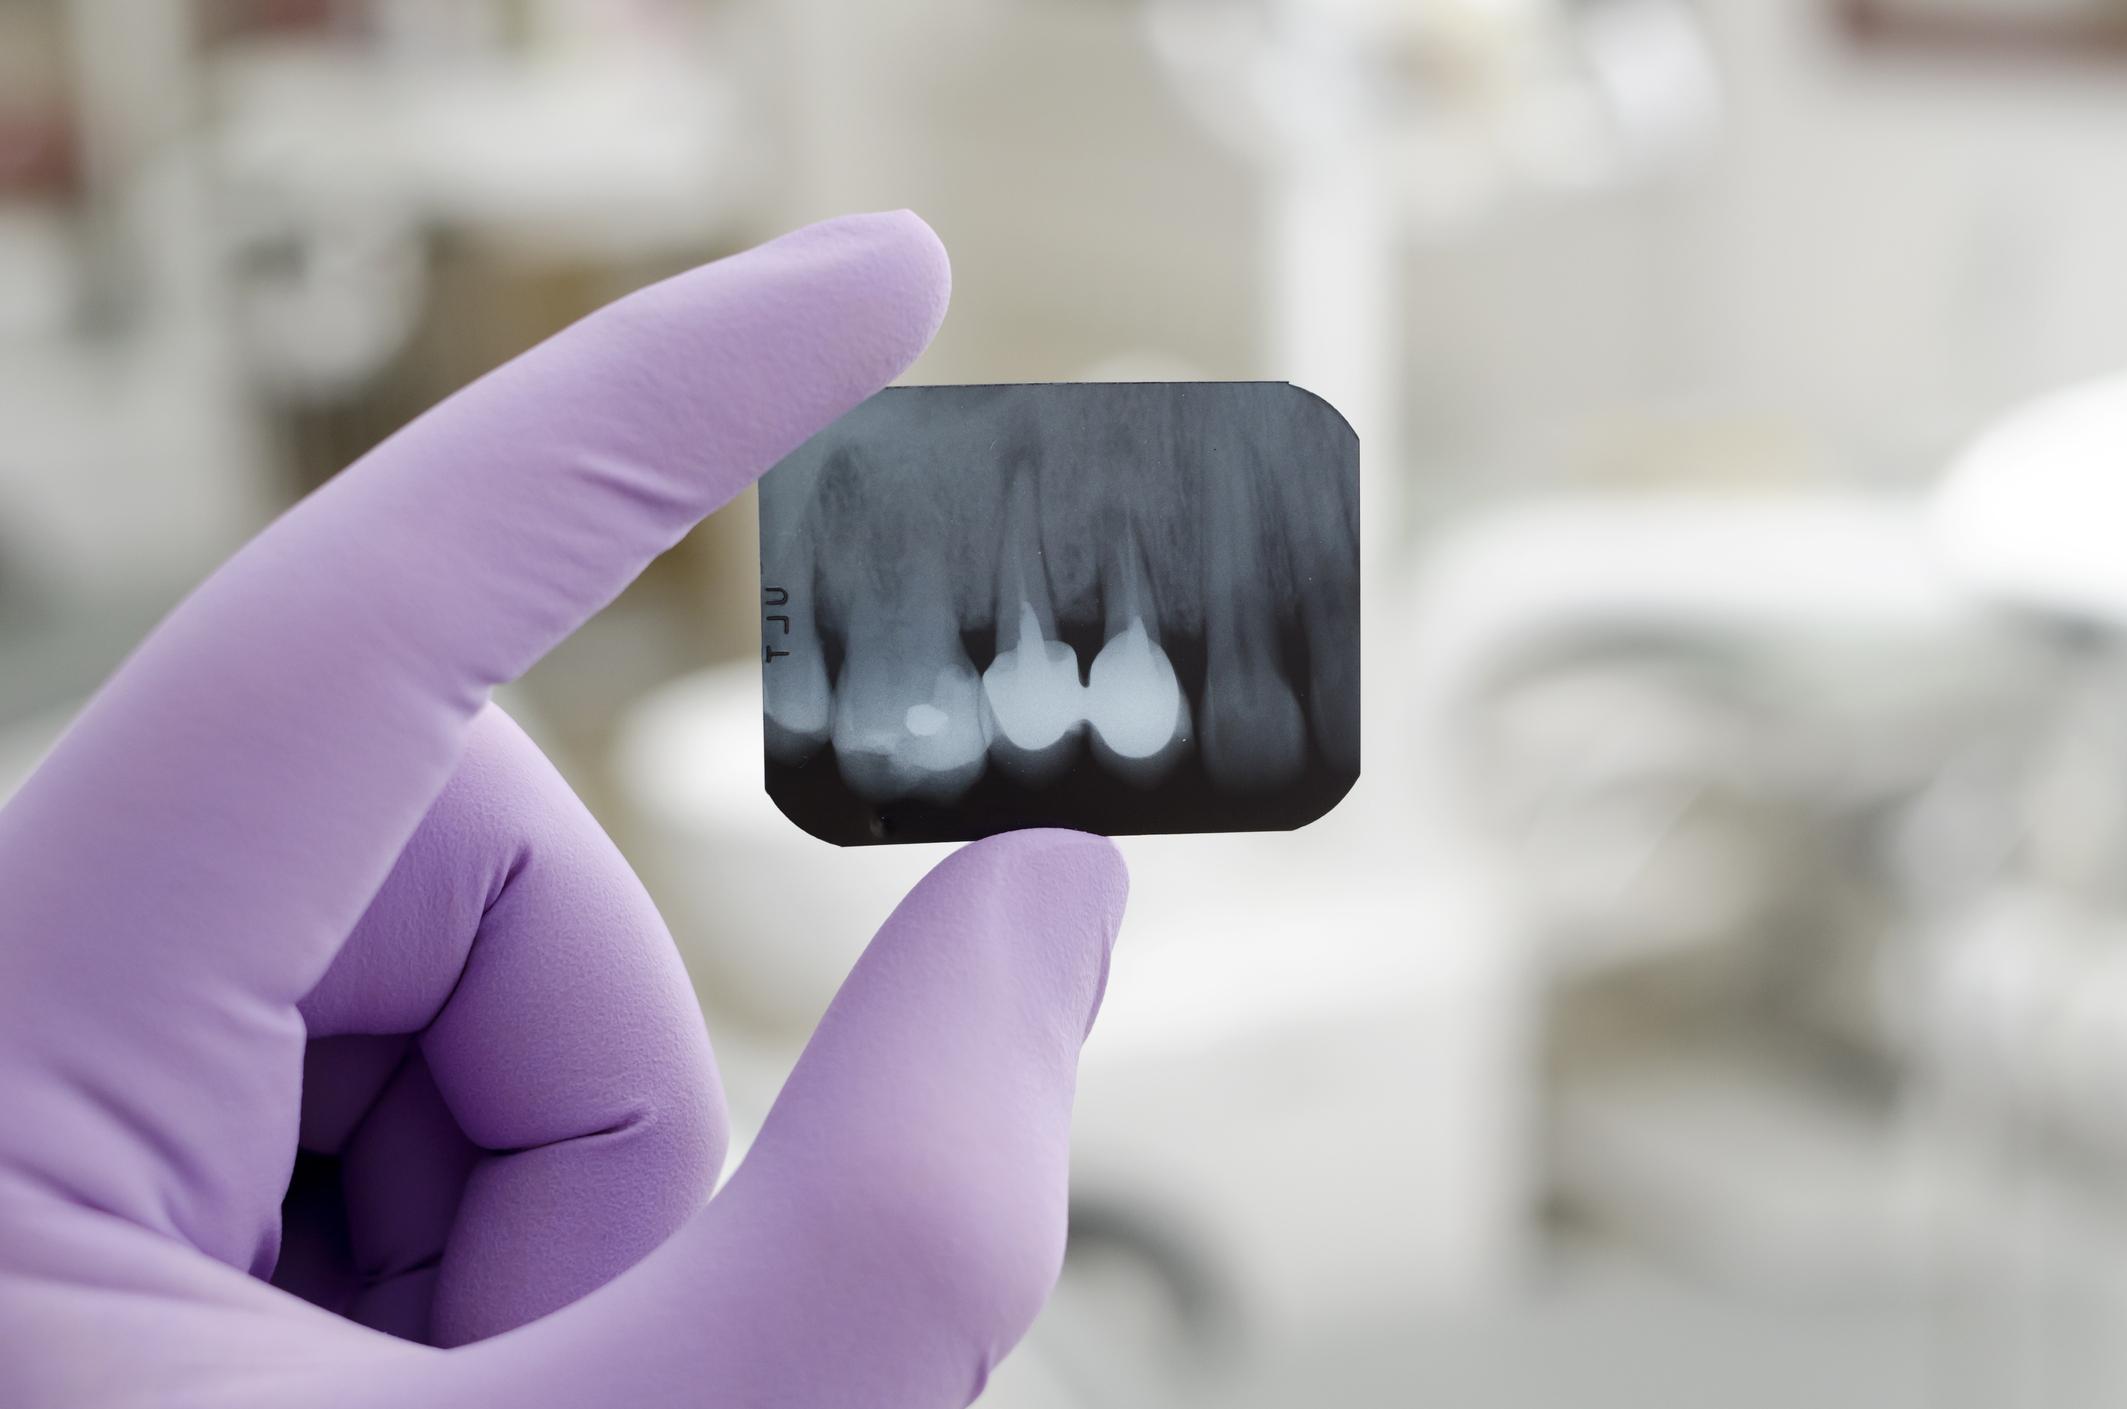 Detalhe de mão com luva segurando radiografia odontológica